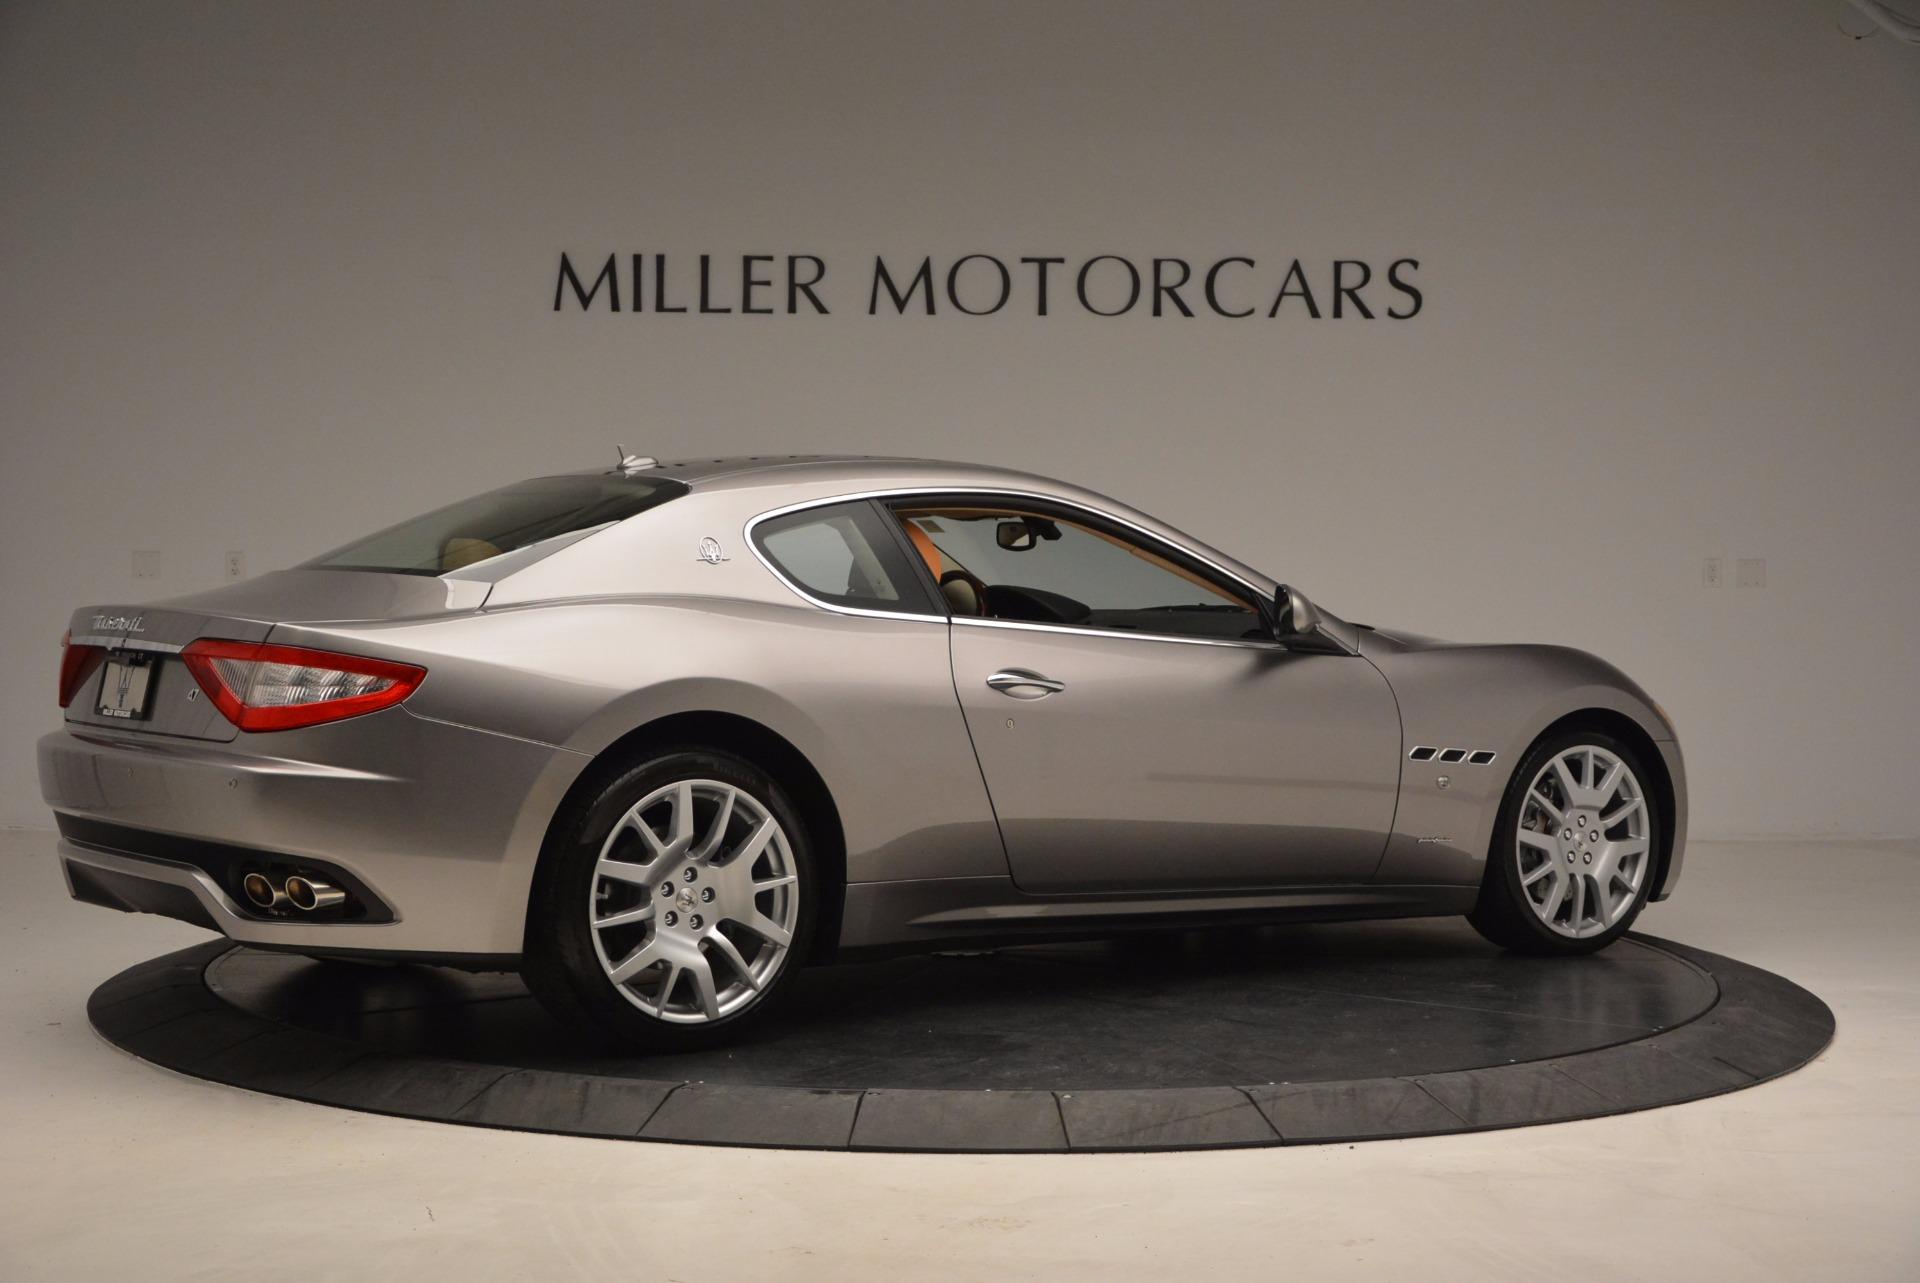 Used 2009 Maserati GranTurismo S For Sale In Greenwich, CT. Alfa Romeo of Greenwich, 7178 1063_p8